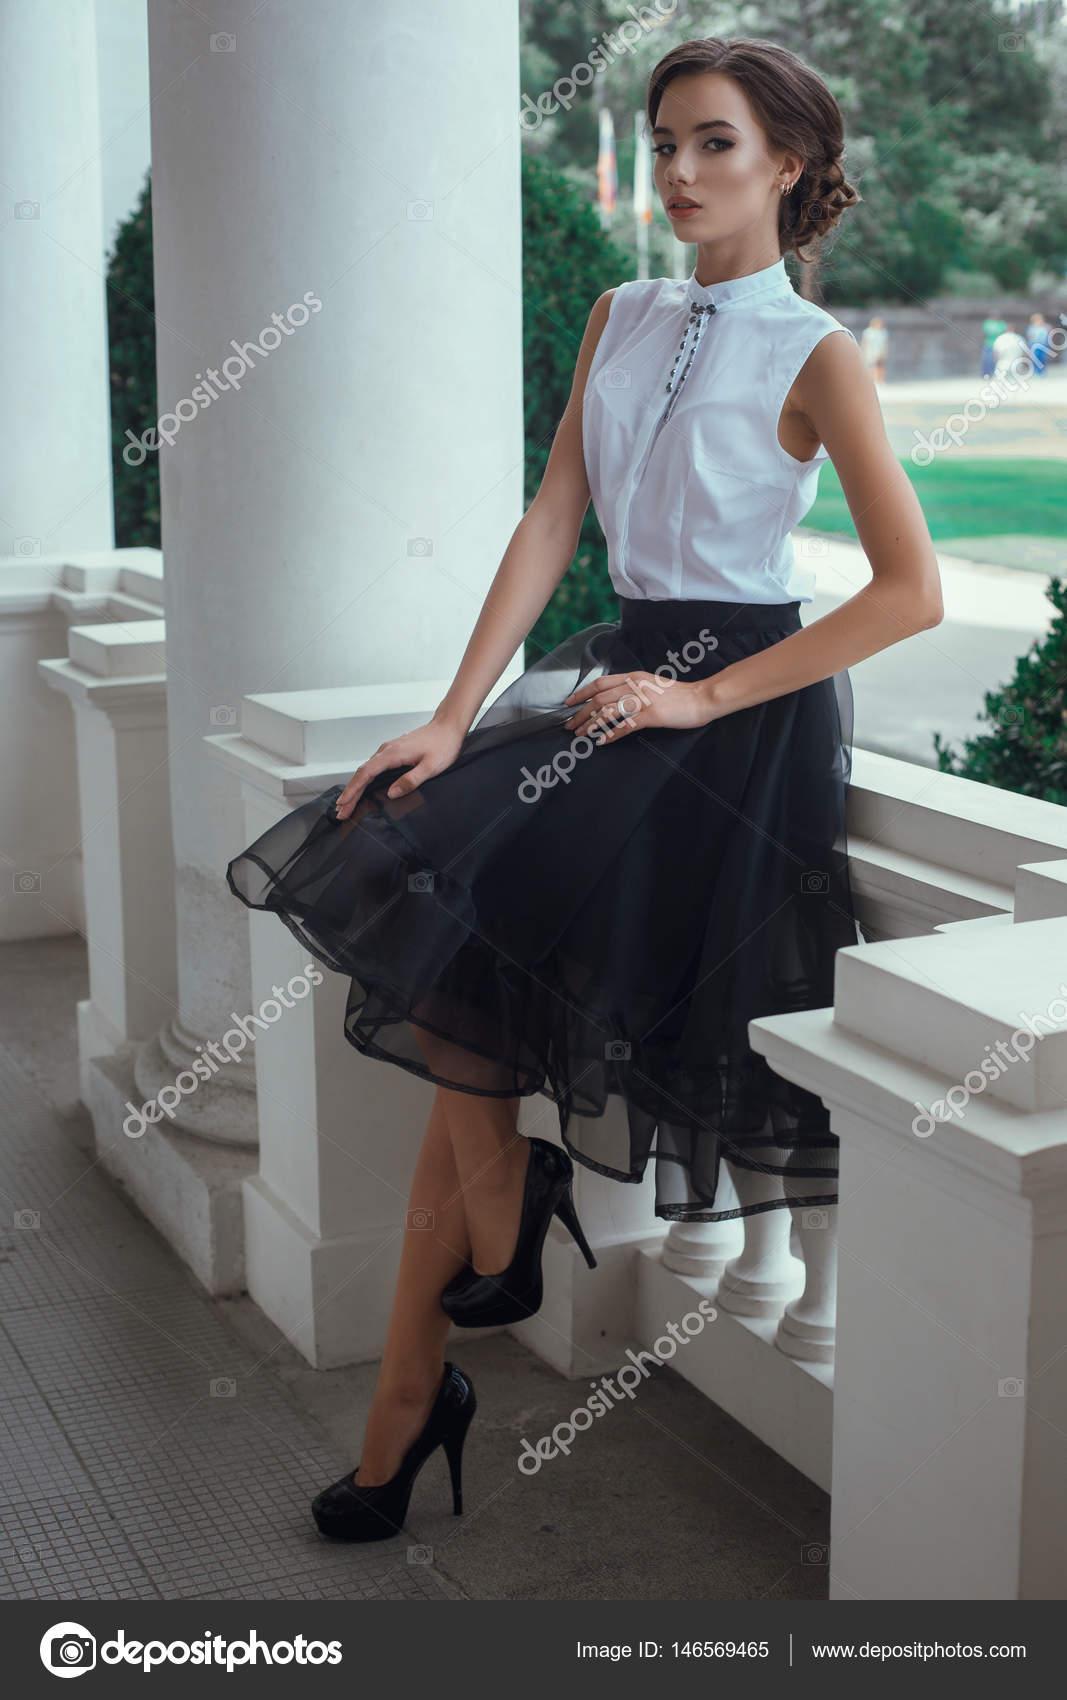 Вами согласен. фото эротика зрелые красивые дамочки рачком скок каментов